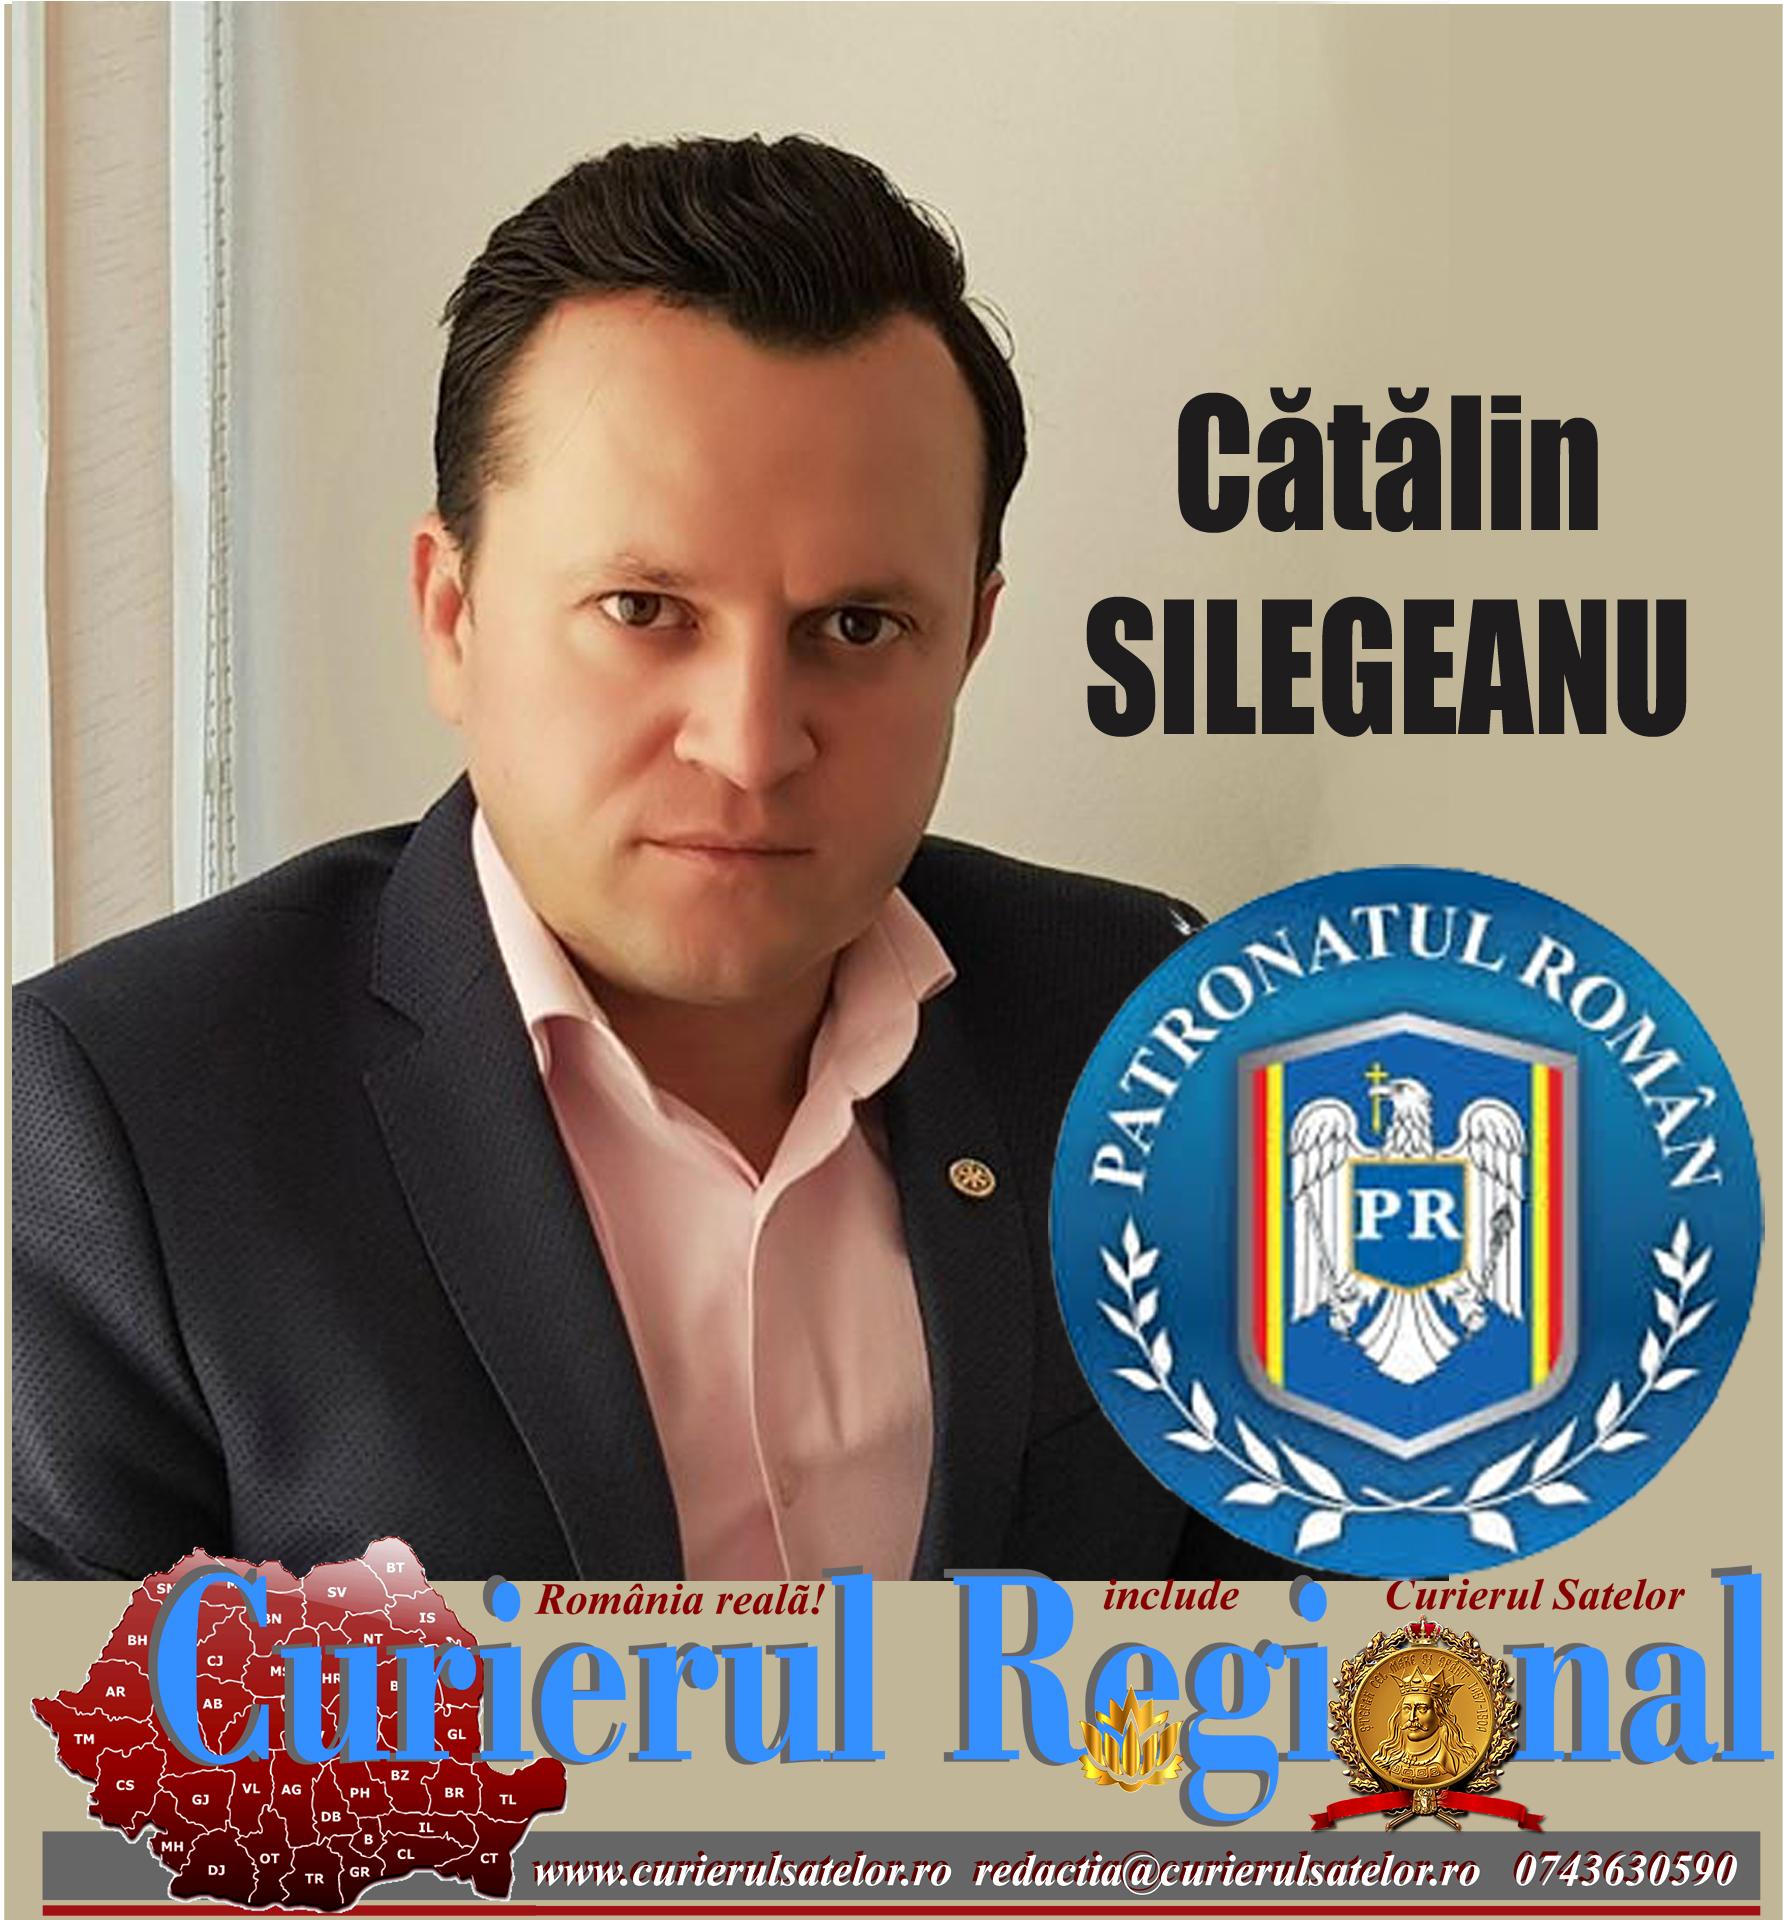 Alegere inspirată în conducerea Patronatului Național Român. Un botoșănean a devenit vicepreședinte 7